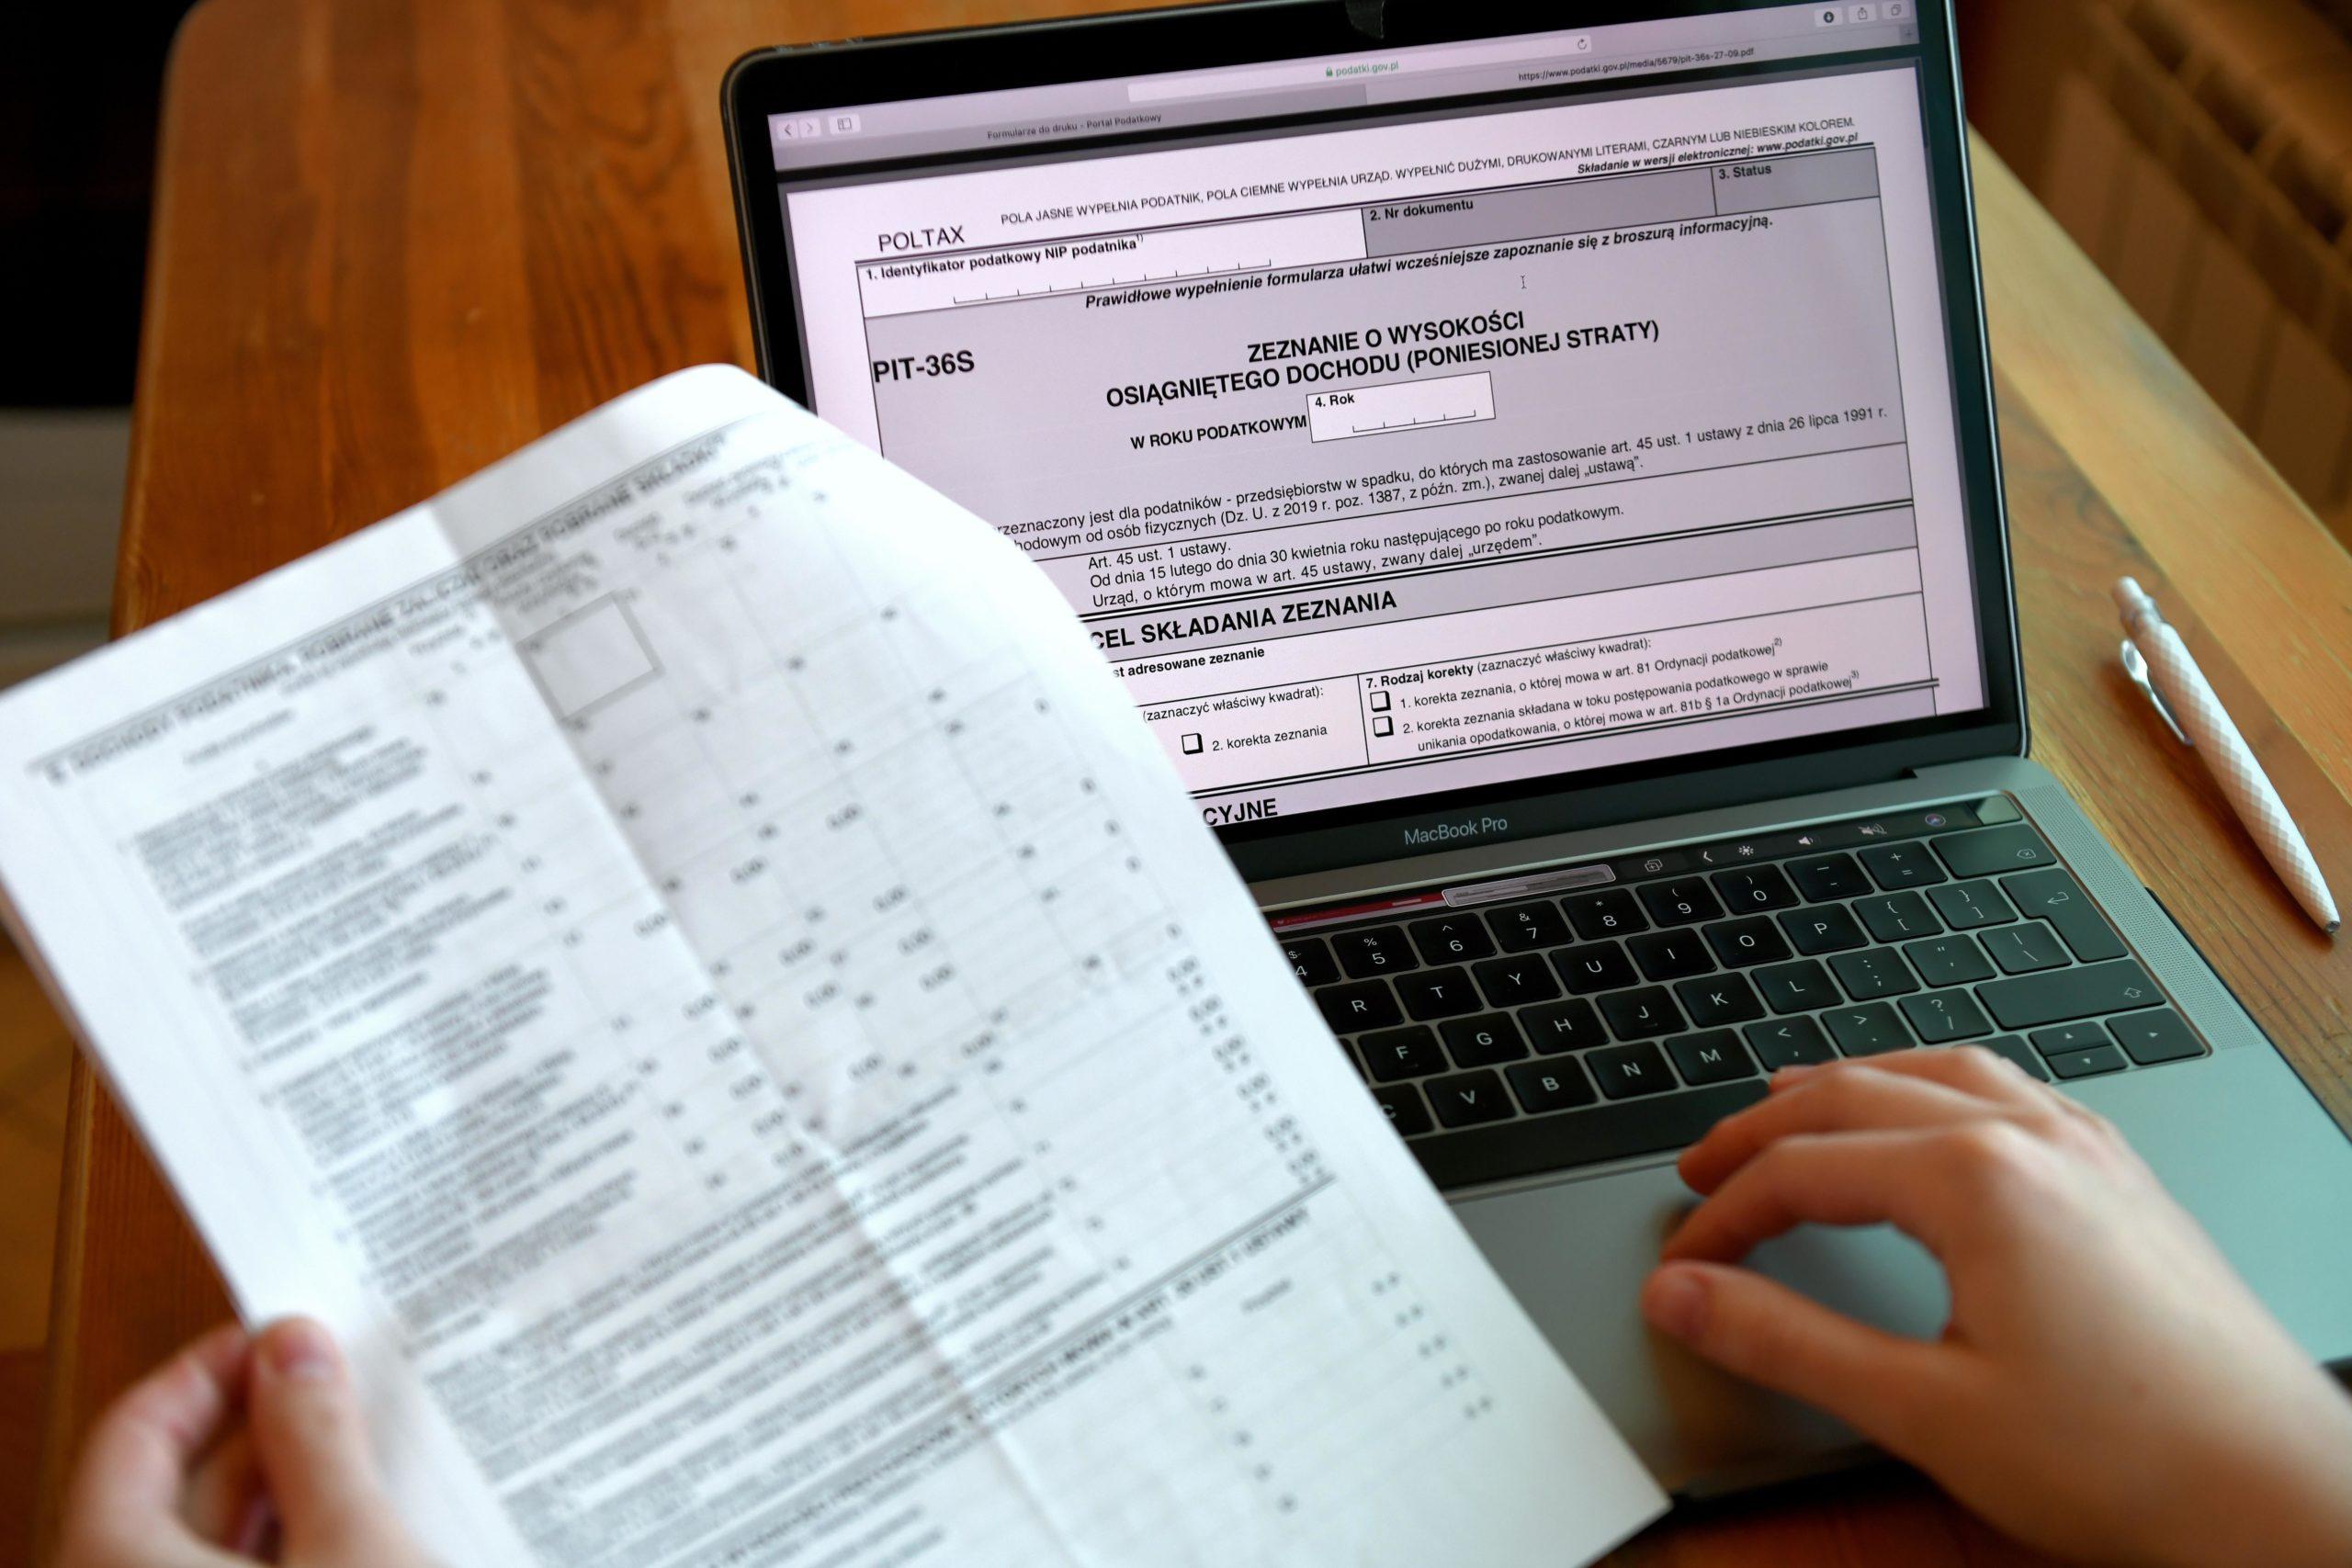 zmiana właściwości urzędów skarbowych - grafika wpisu